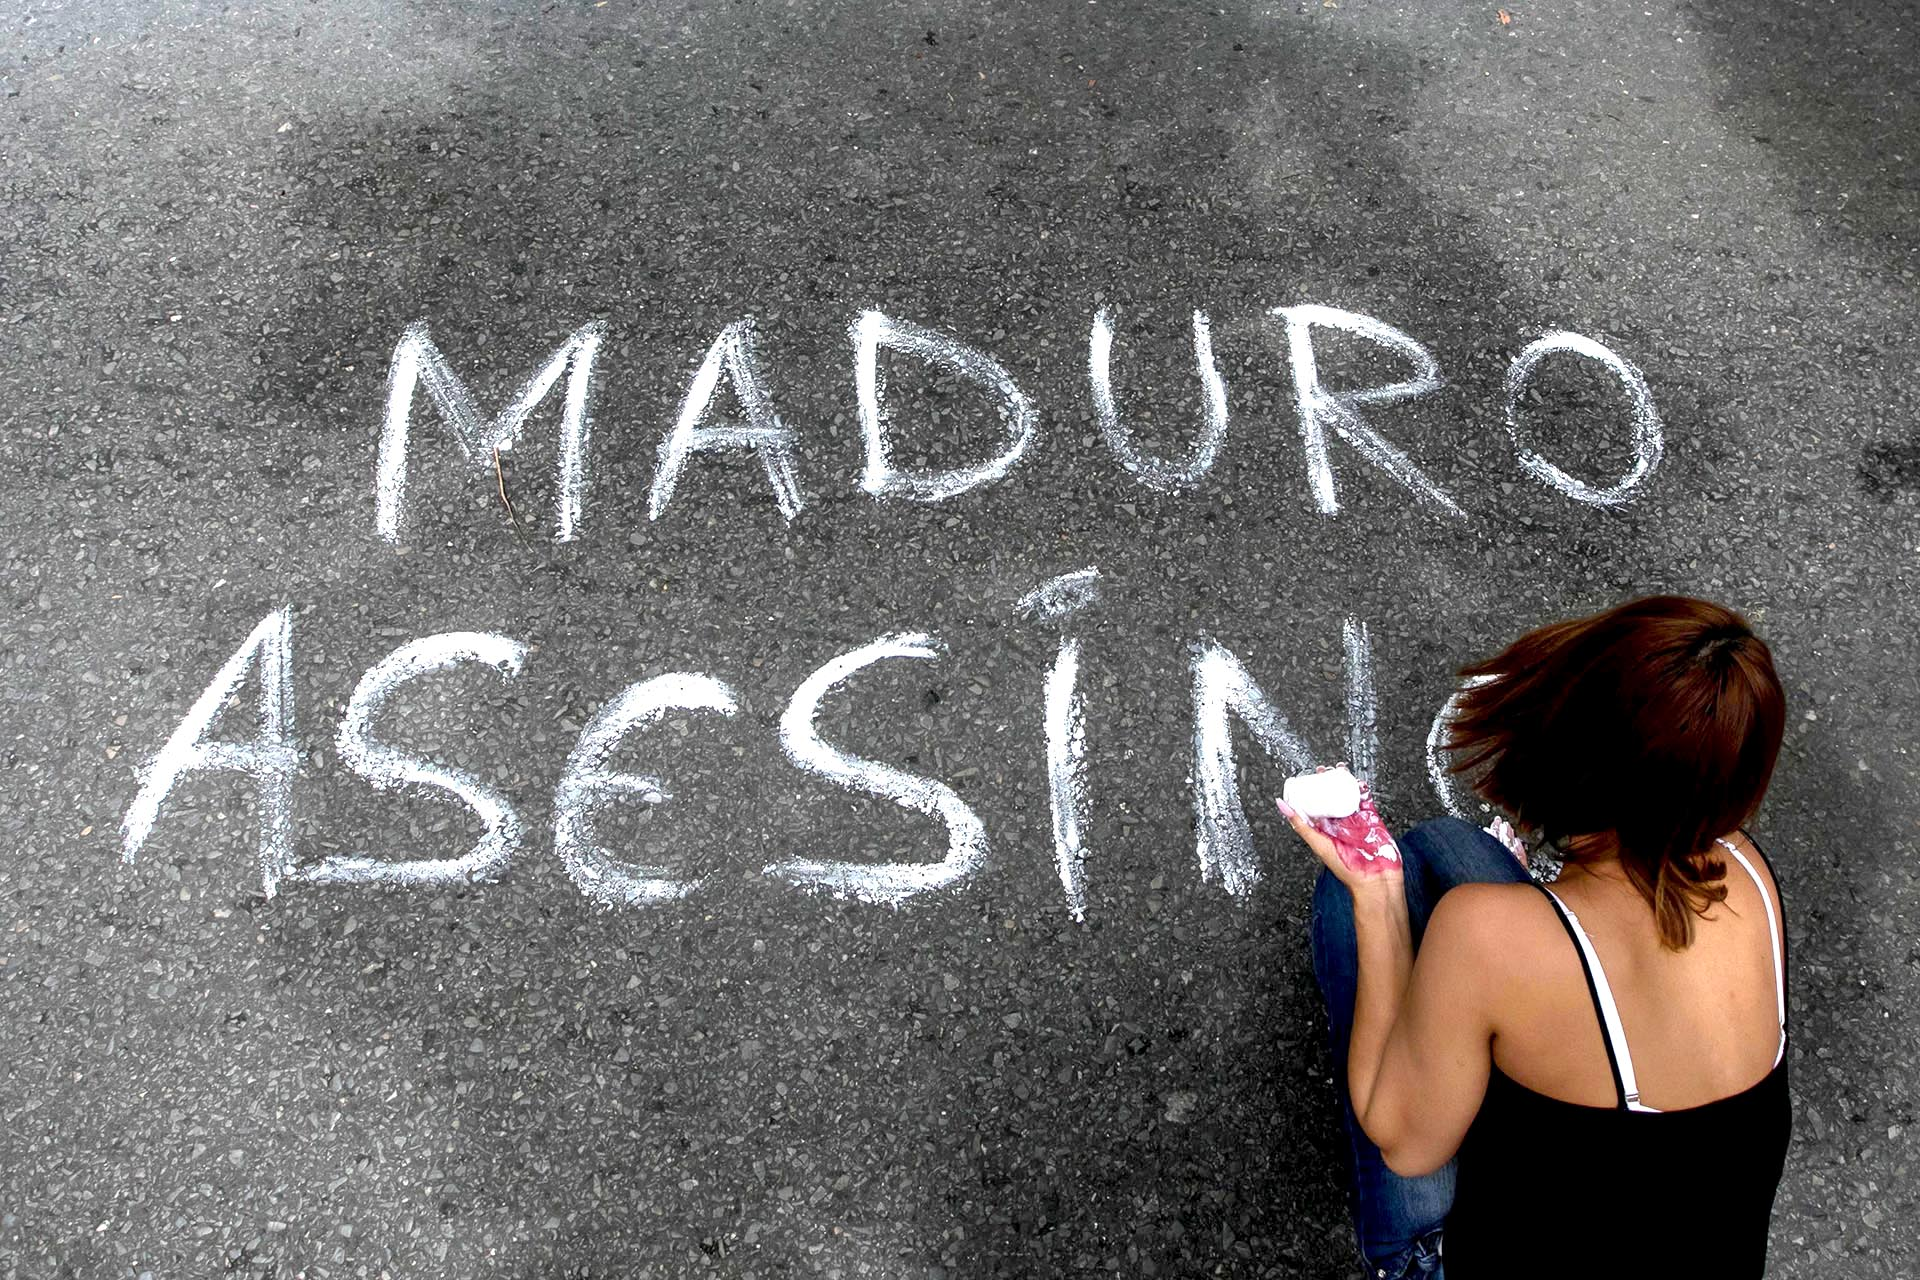 Una mujer escribe un mensaje sobre el asfalto durante una manifestación en Caracas